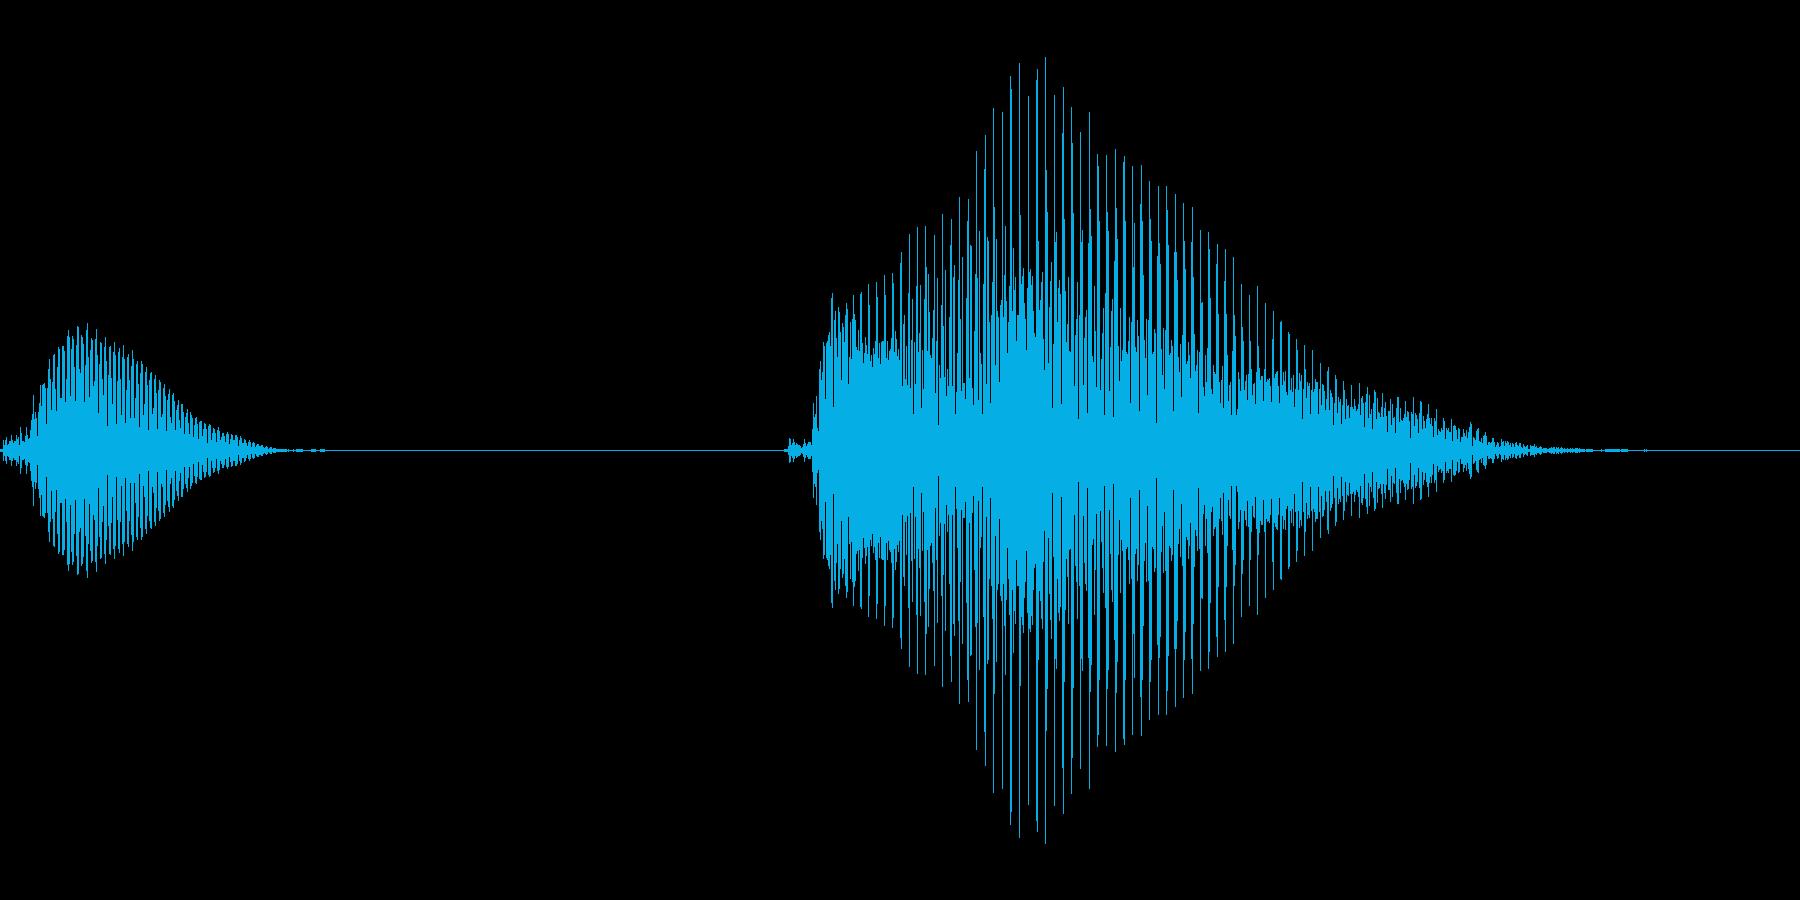 いたっ【子供のダメージボイス、悲鳴】の再生済みの波形